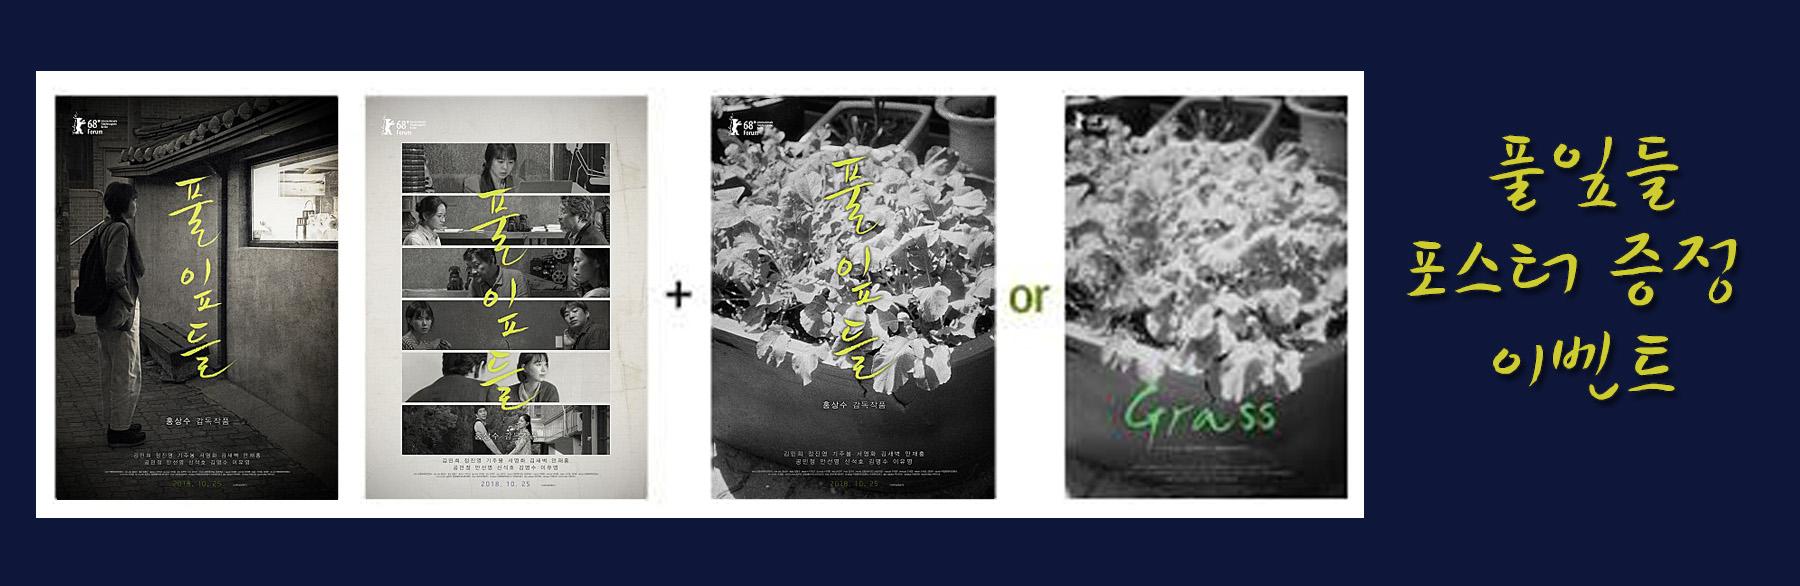 풀잎들 포스터 증정 이벤트